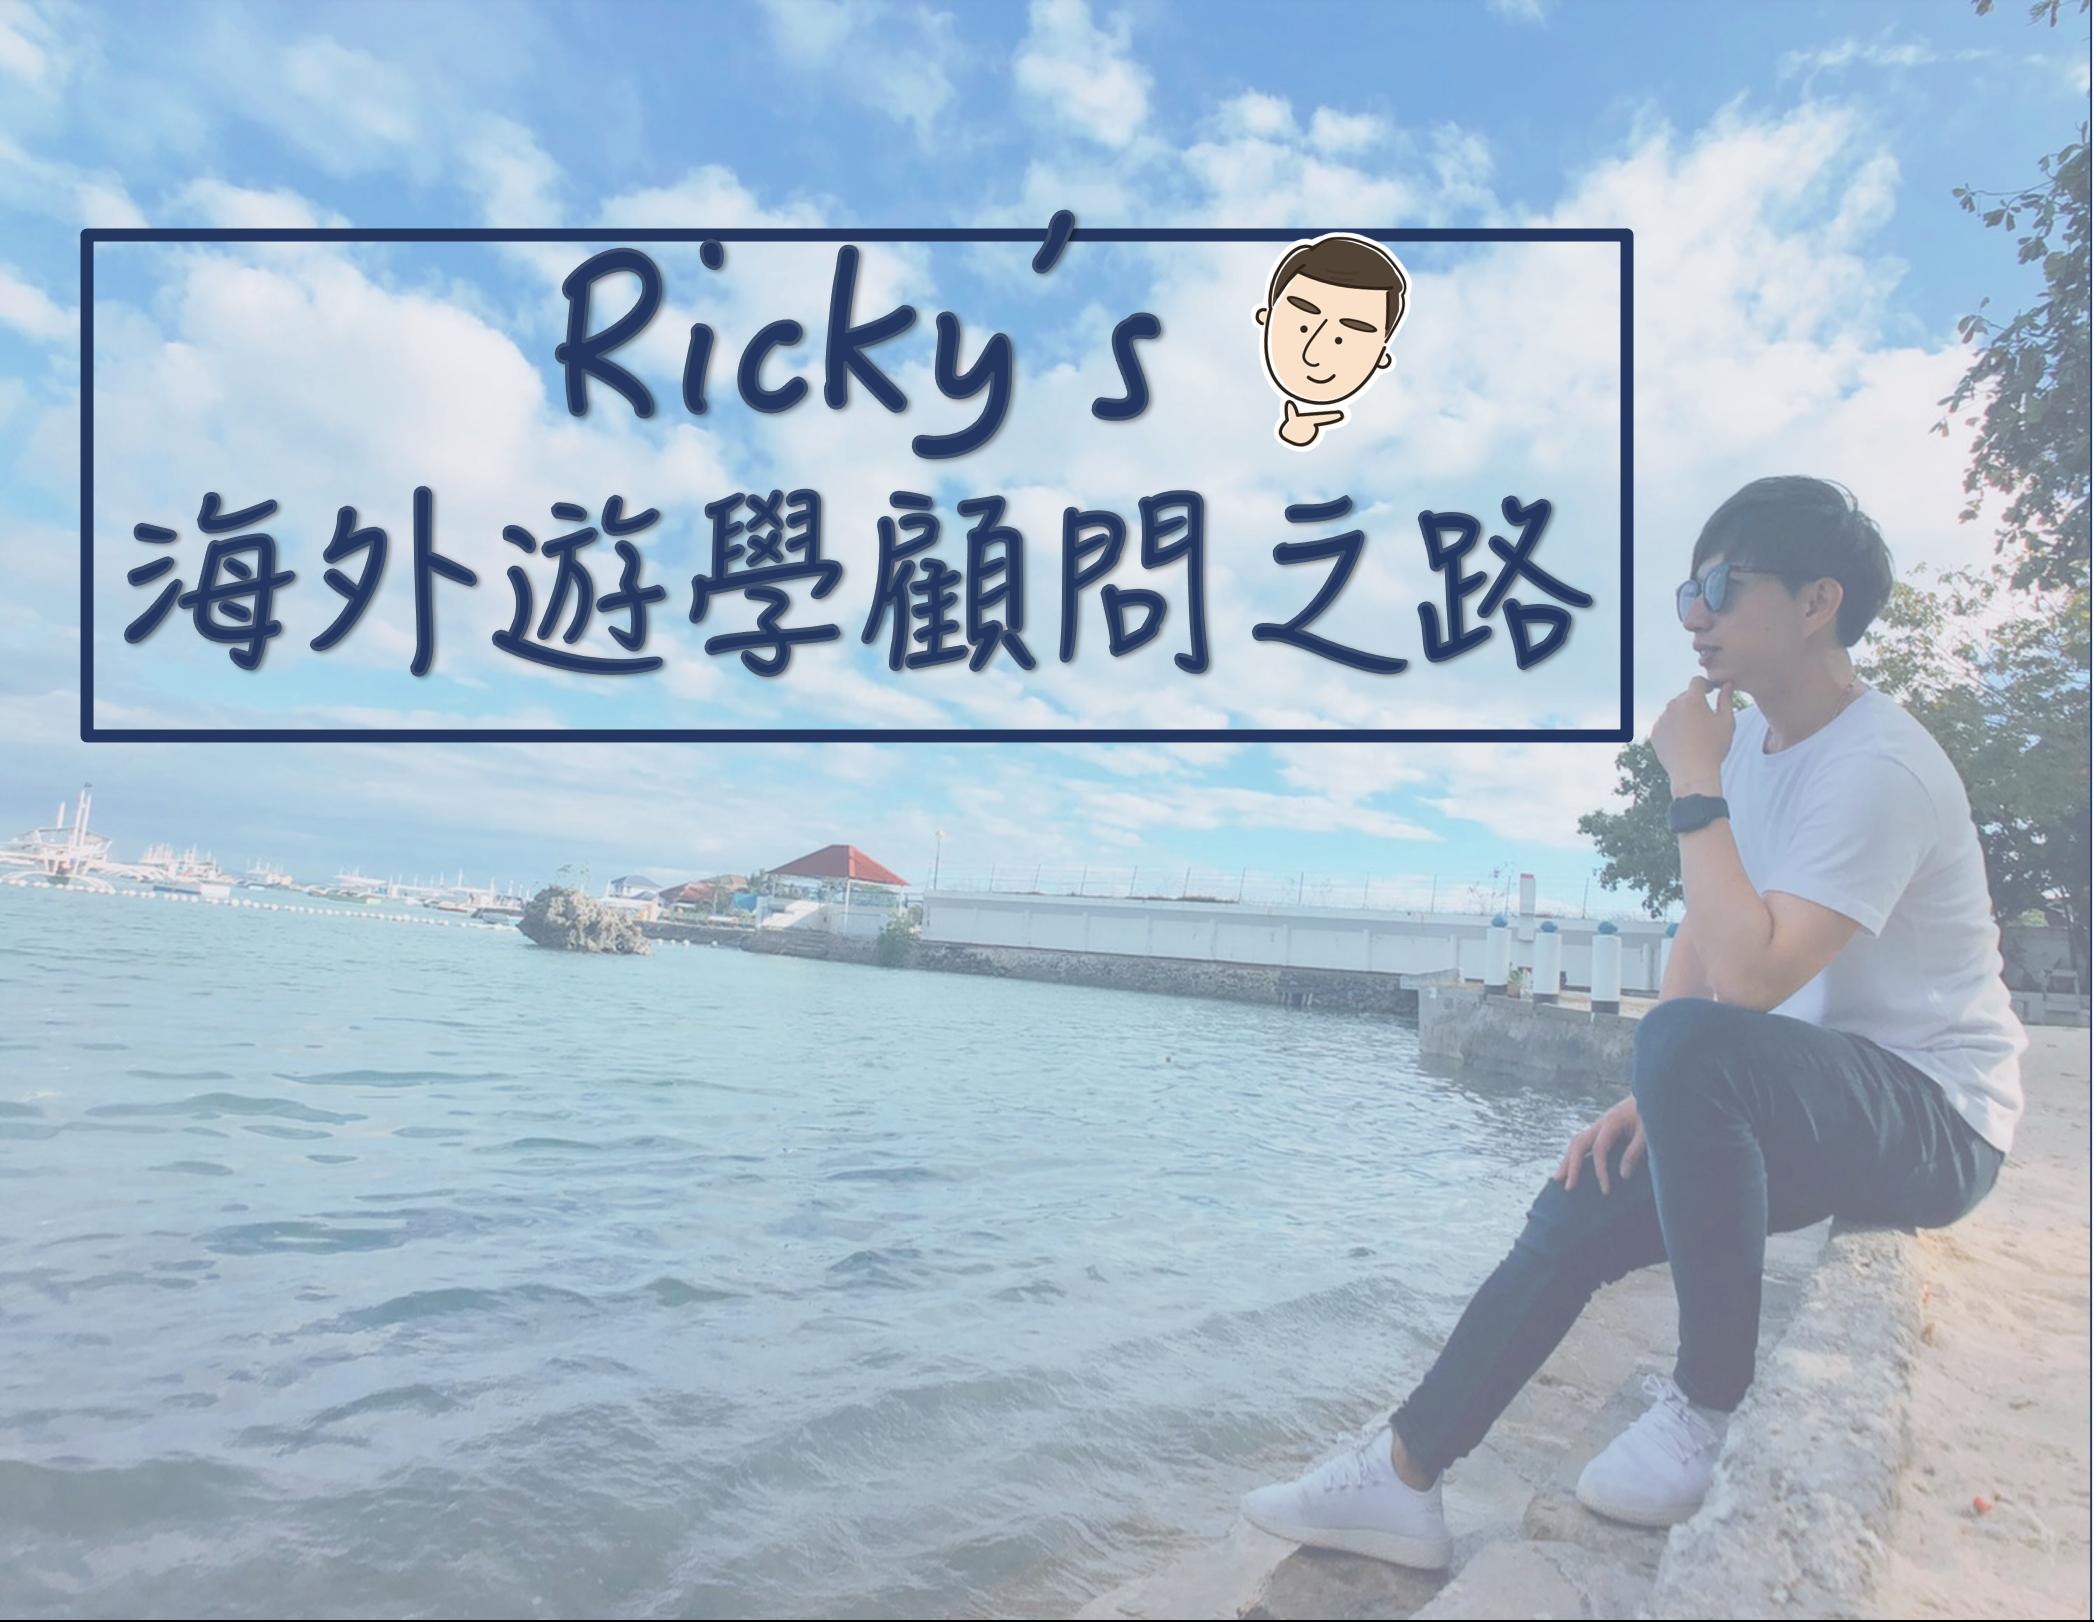 Ricky's 海外遊學顧問之路